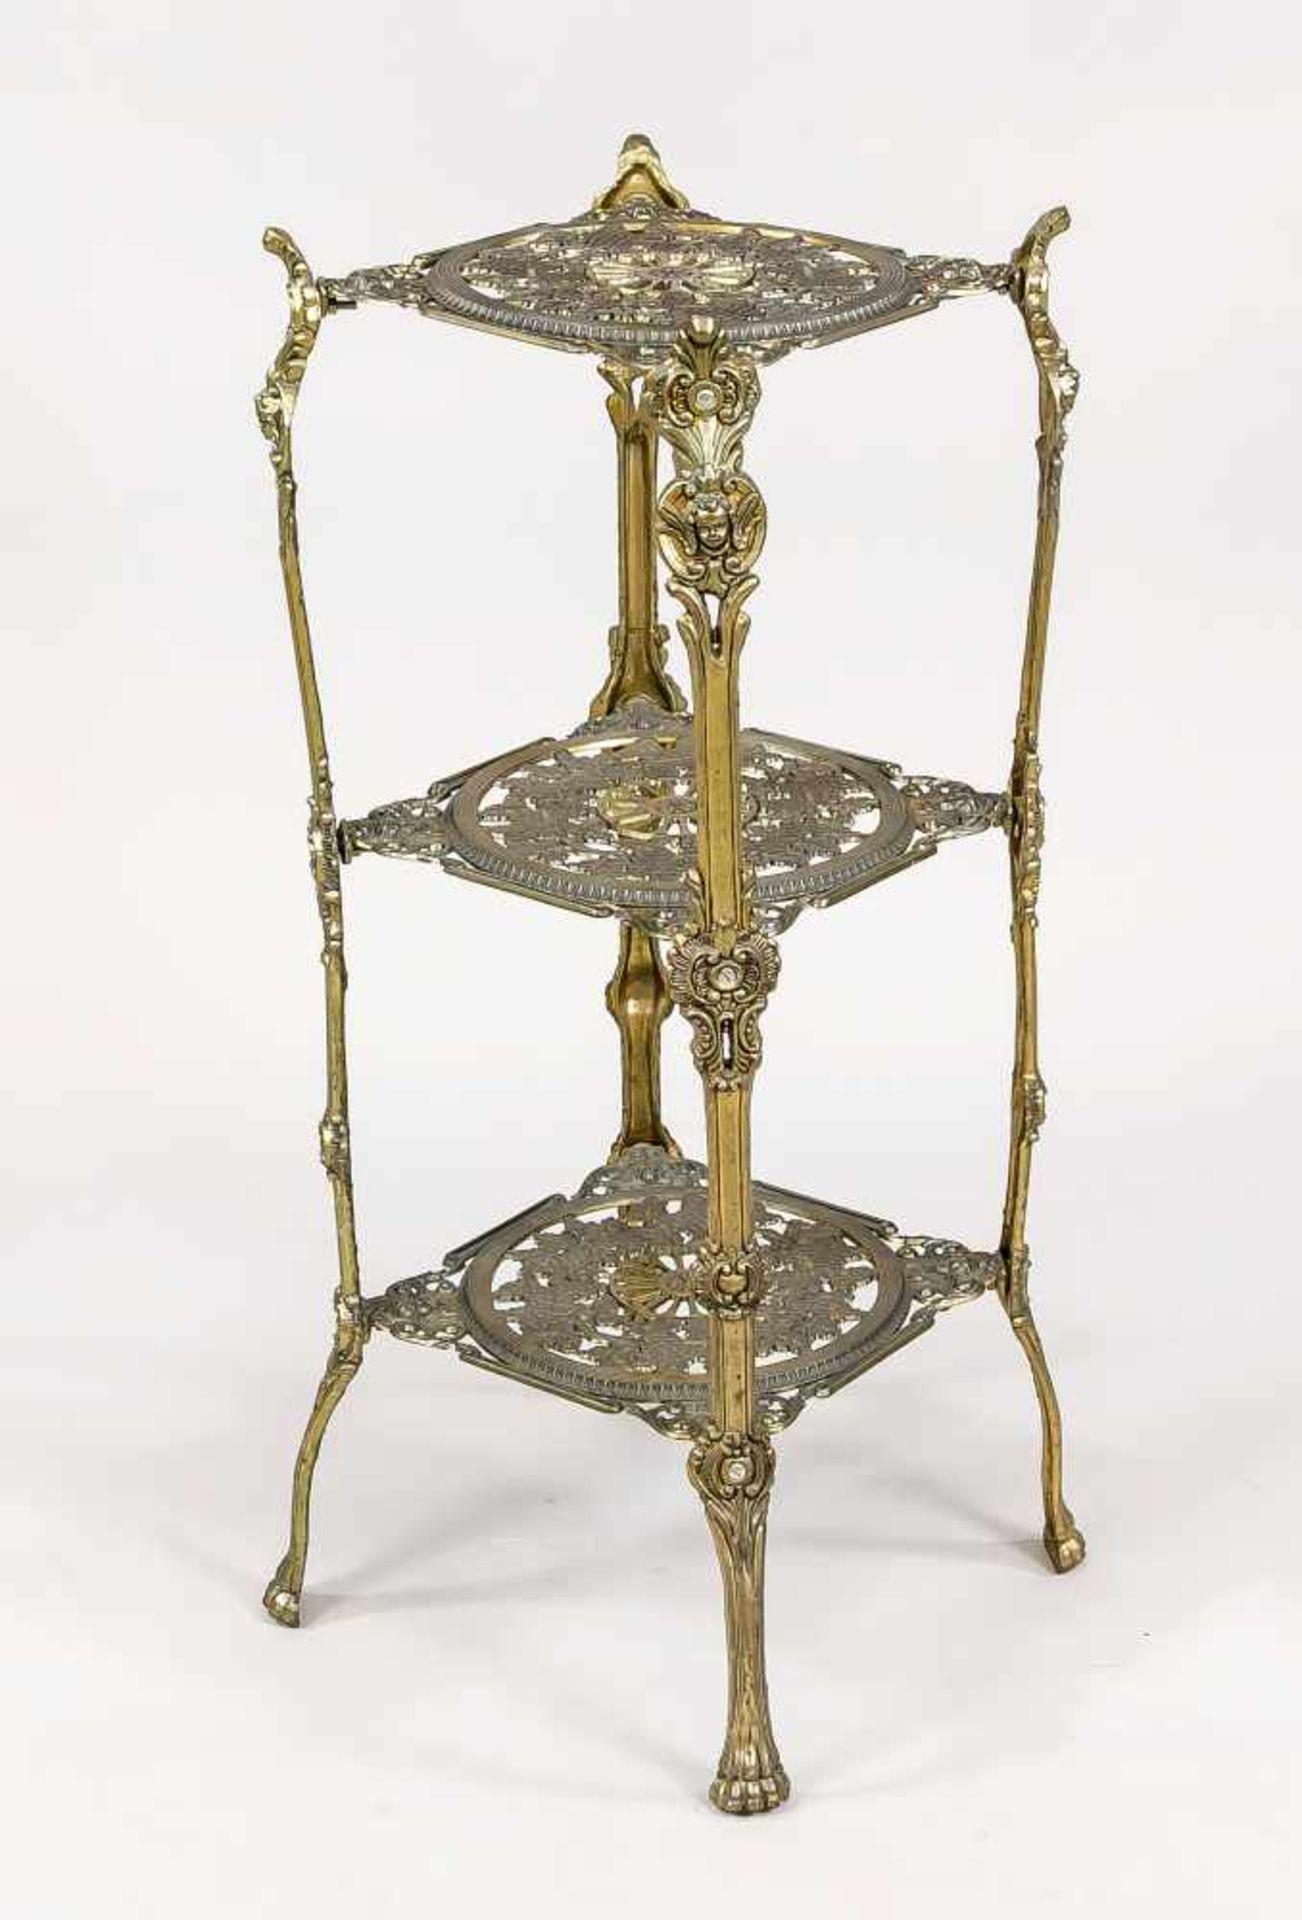 Beistelltischchen/Pflanzentischchen, 20. Jh., Metallguss, bronziert. 3 ornamental